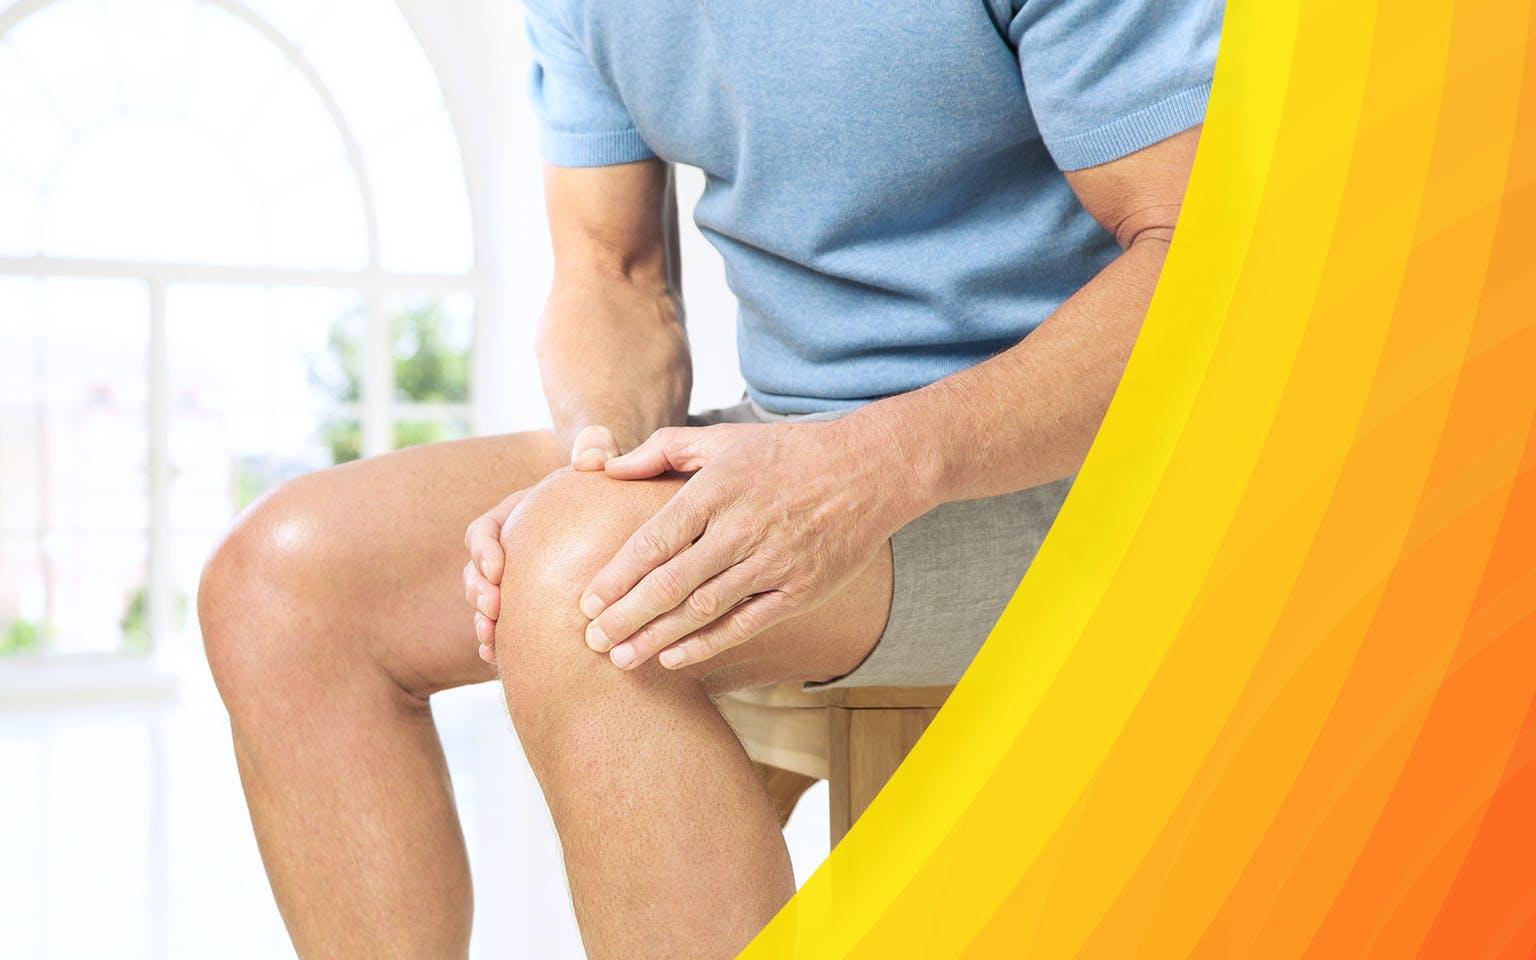 padeda nuo sąnarių skausmas pečių sąnariai gydomi namuose